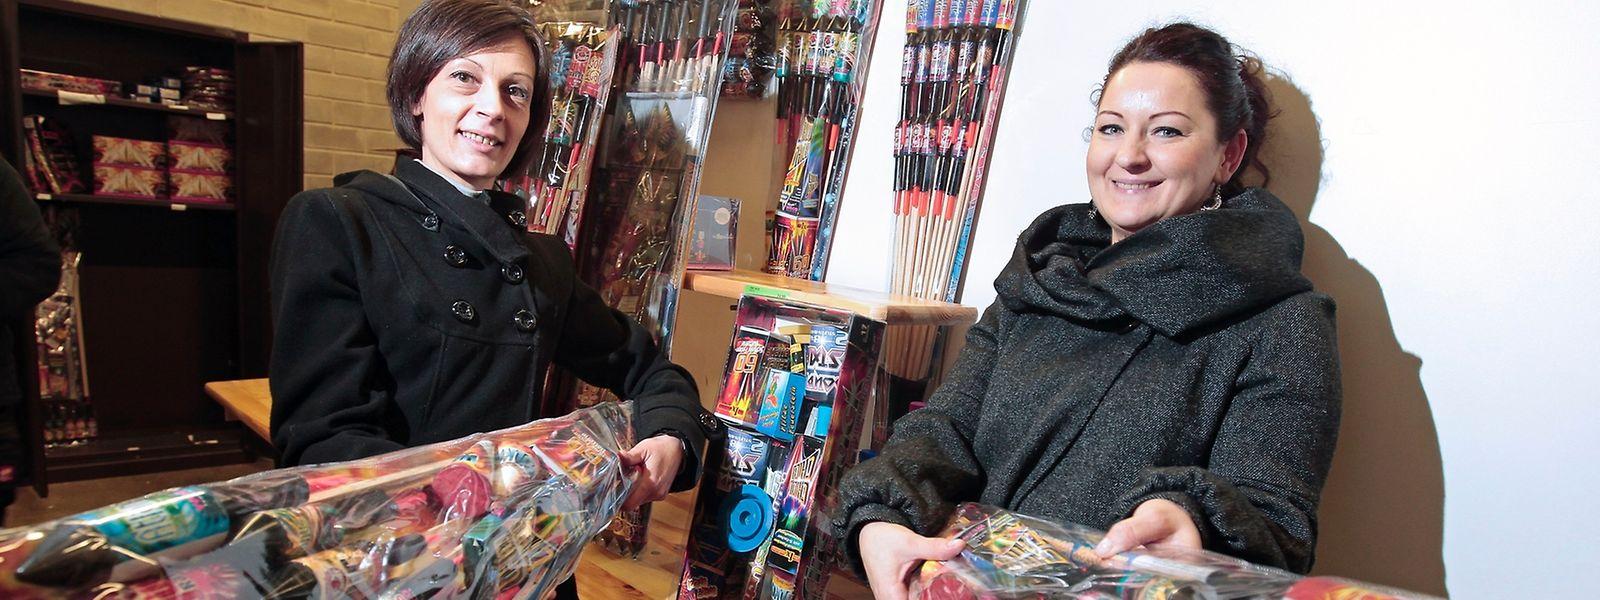 Wer Feuerwerkskörper kauft, sollte darauf achten, dass eine Gebrauchsanweisung beiliegt.